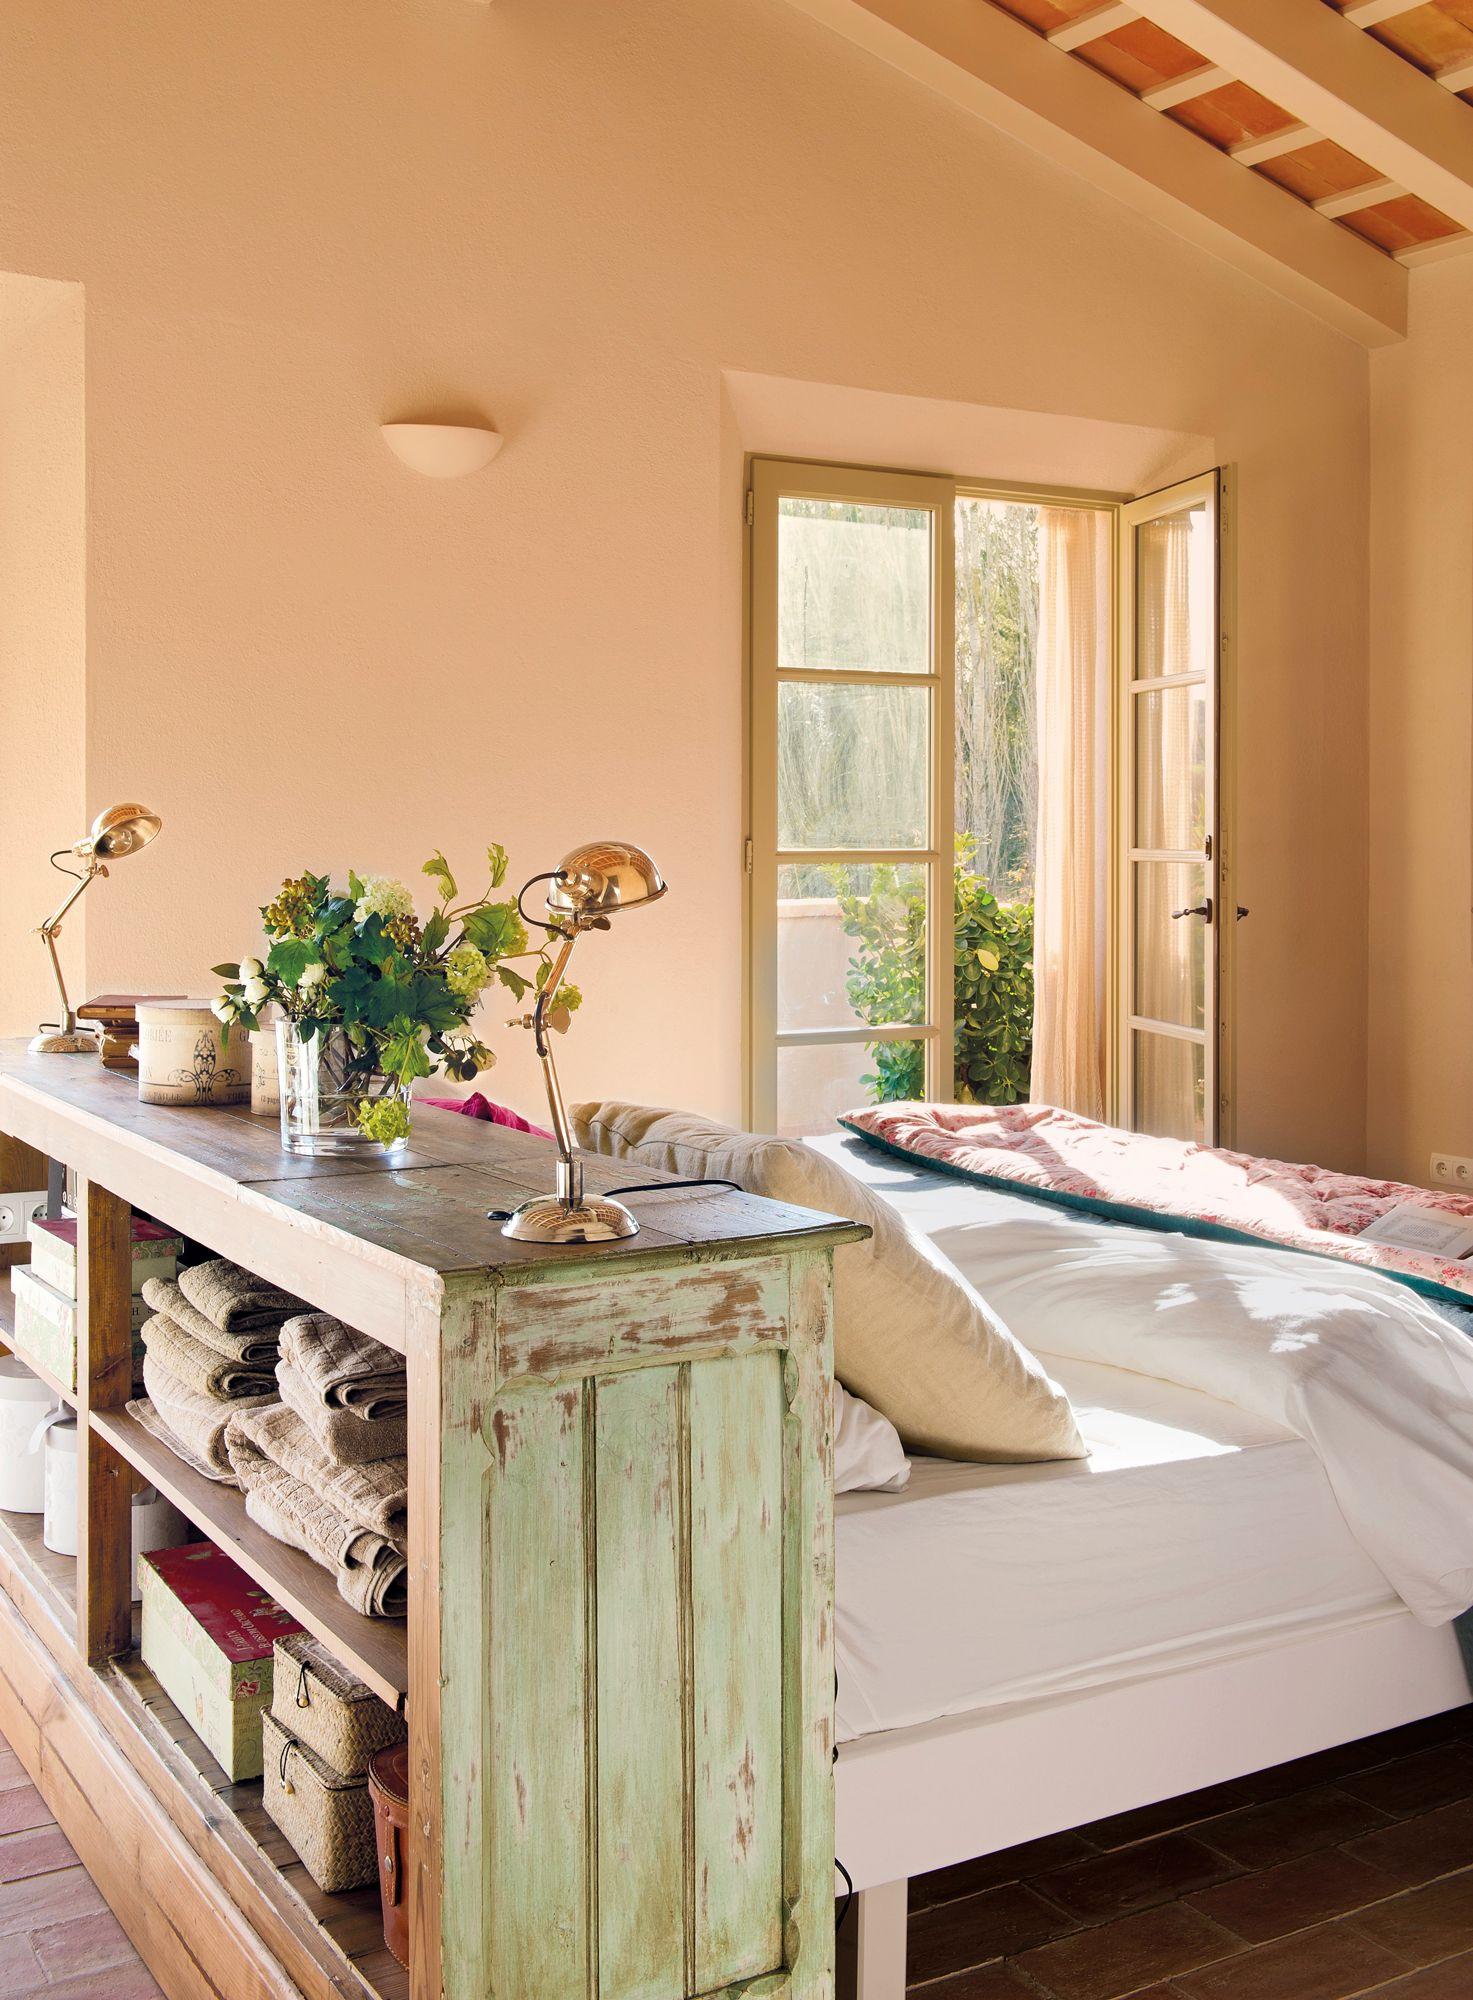 Dormitorio con cabecero hecho con antiguo mueble de madera decapado ...